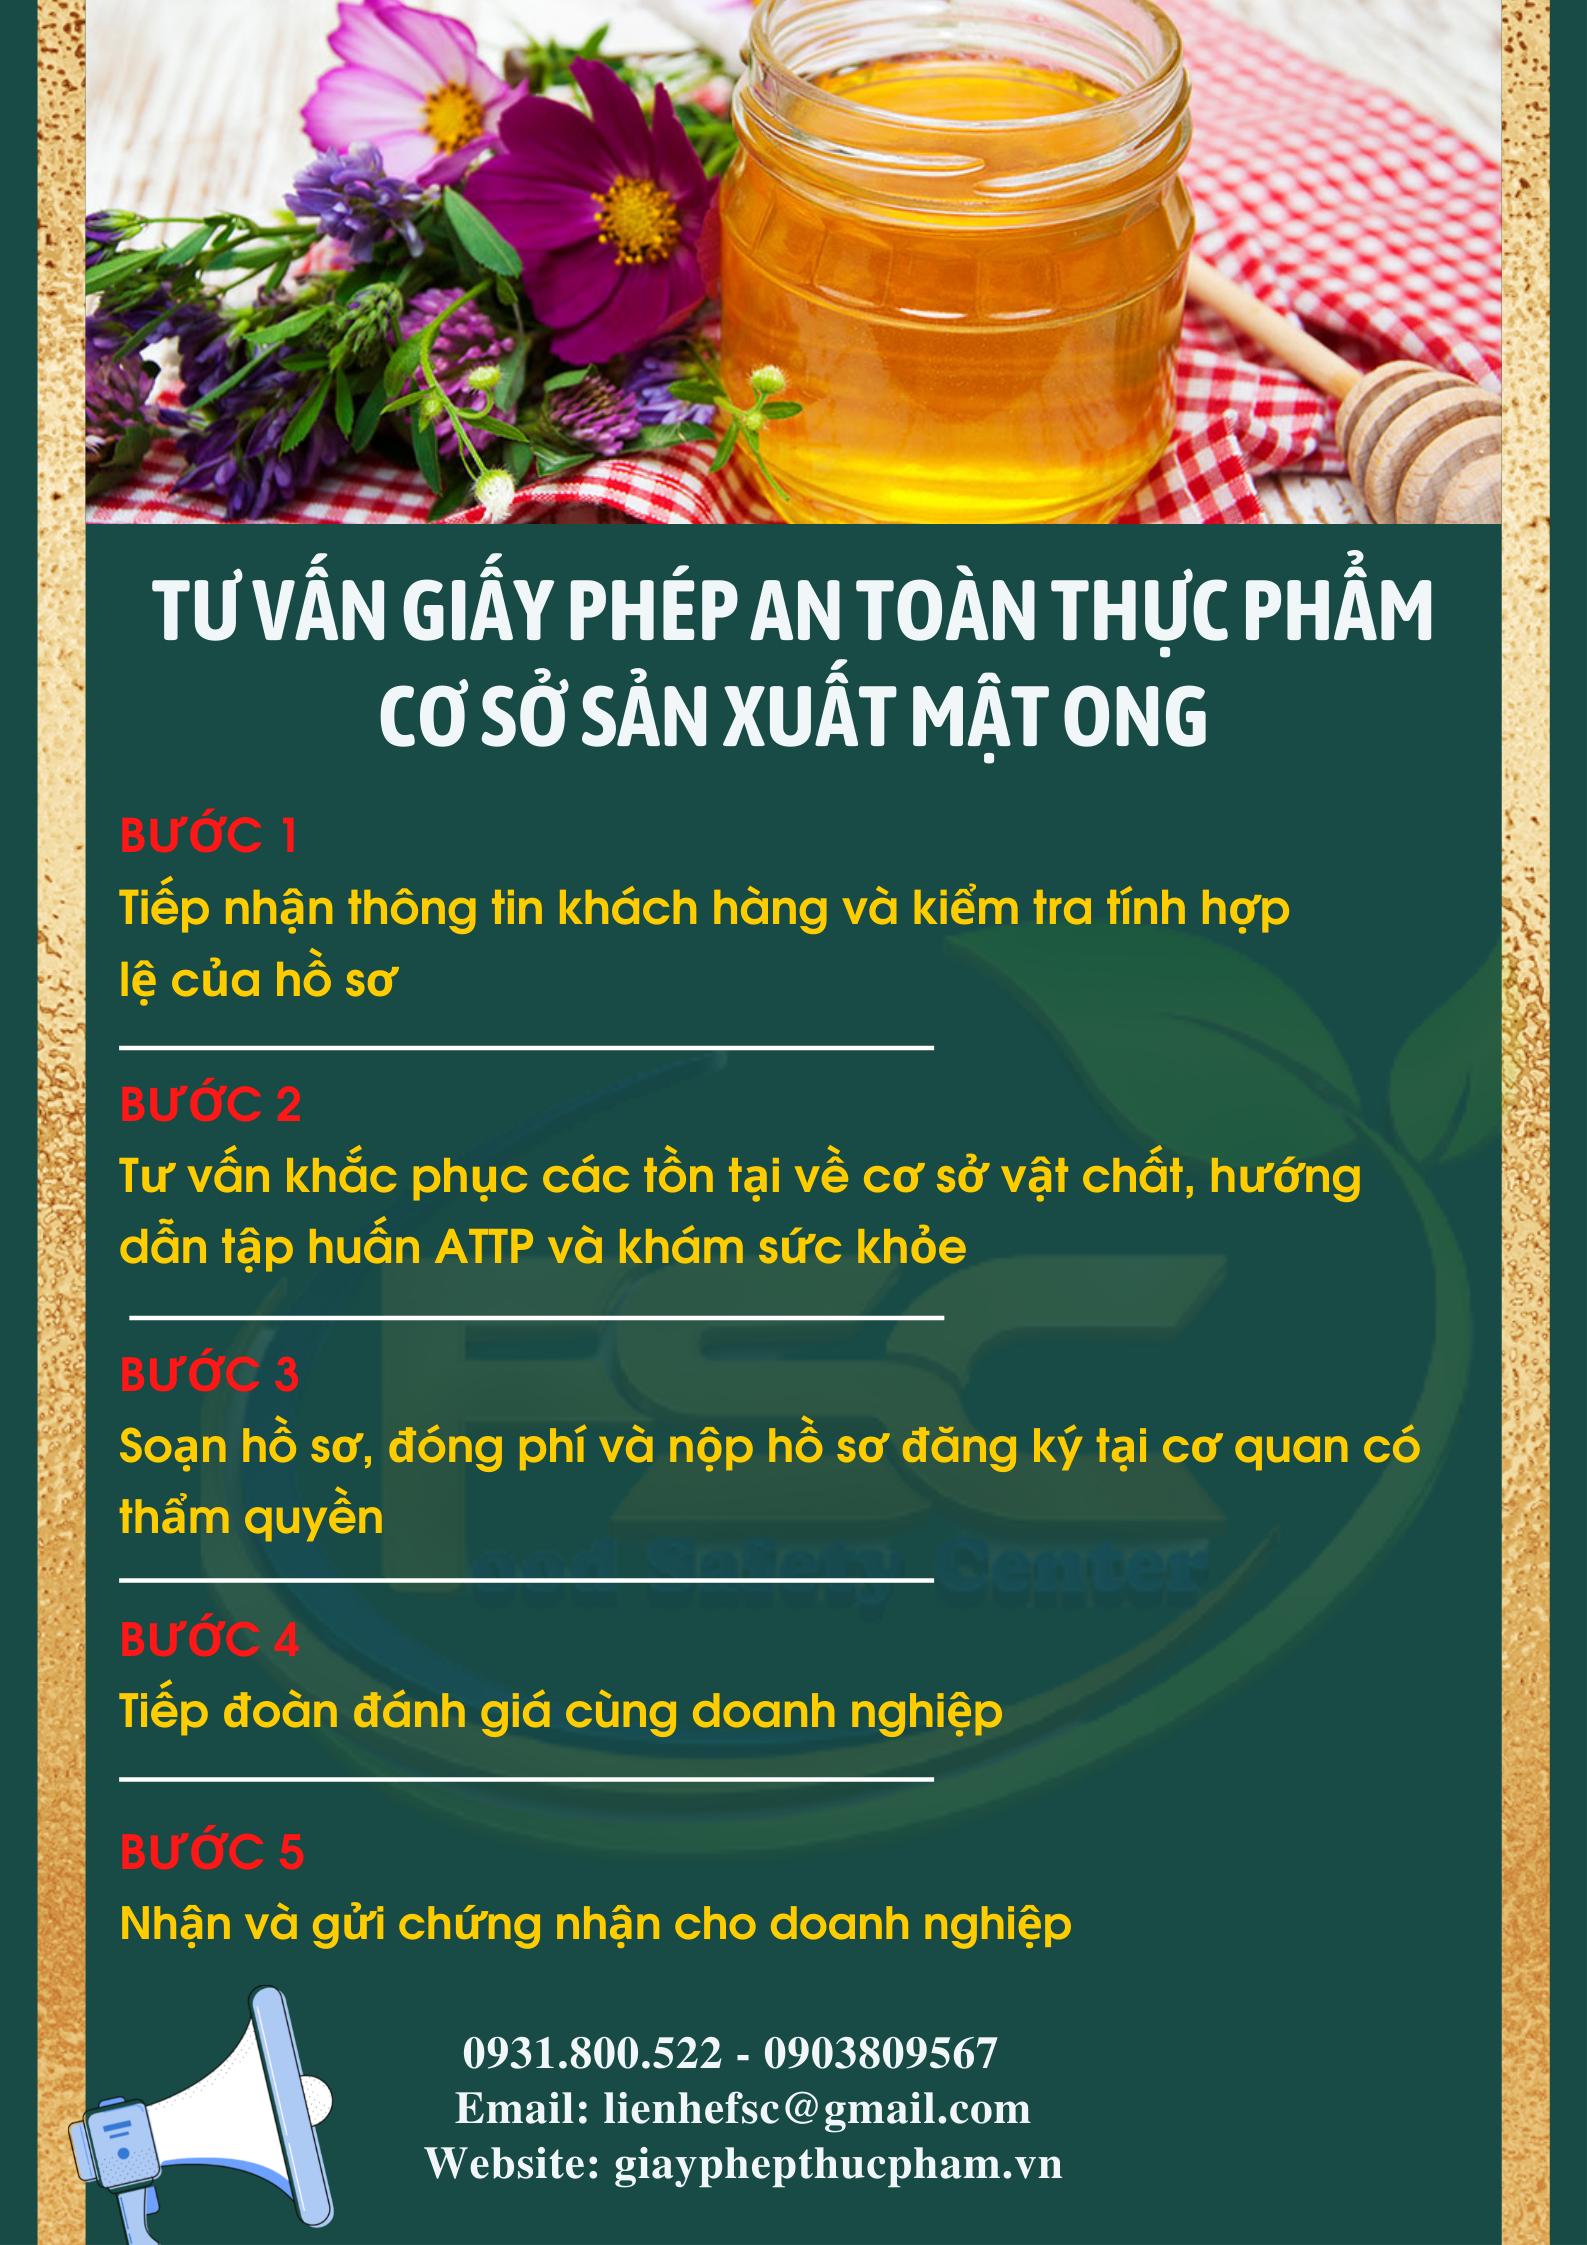 giay-phep-an-toan-thuc-pham-co-so-san-xuat-mat-ong